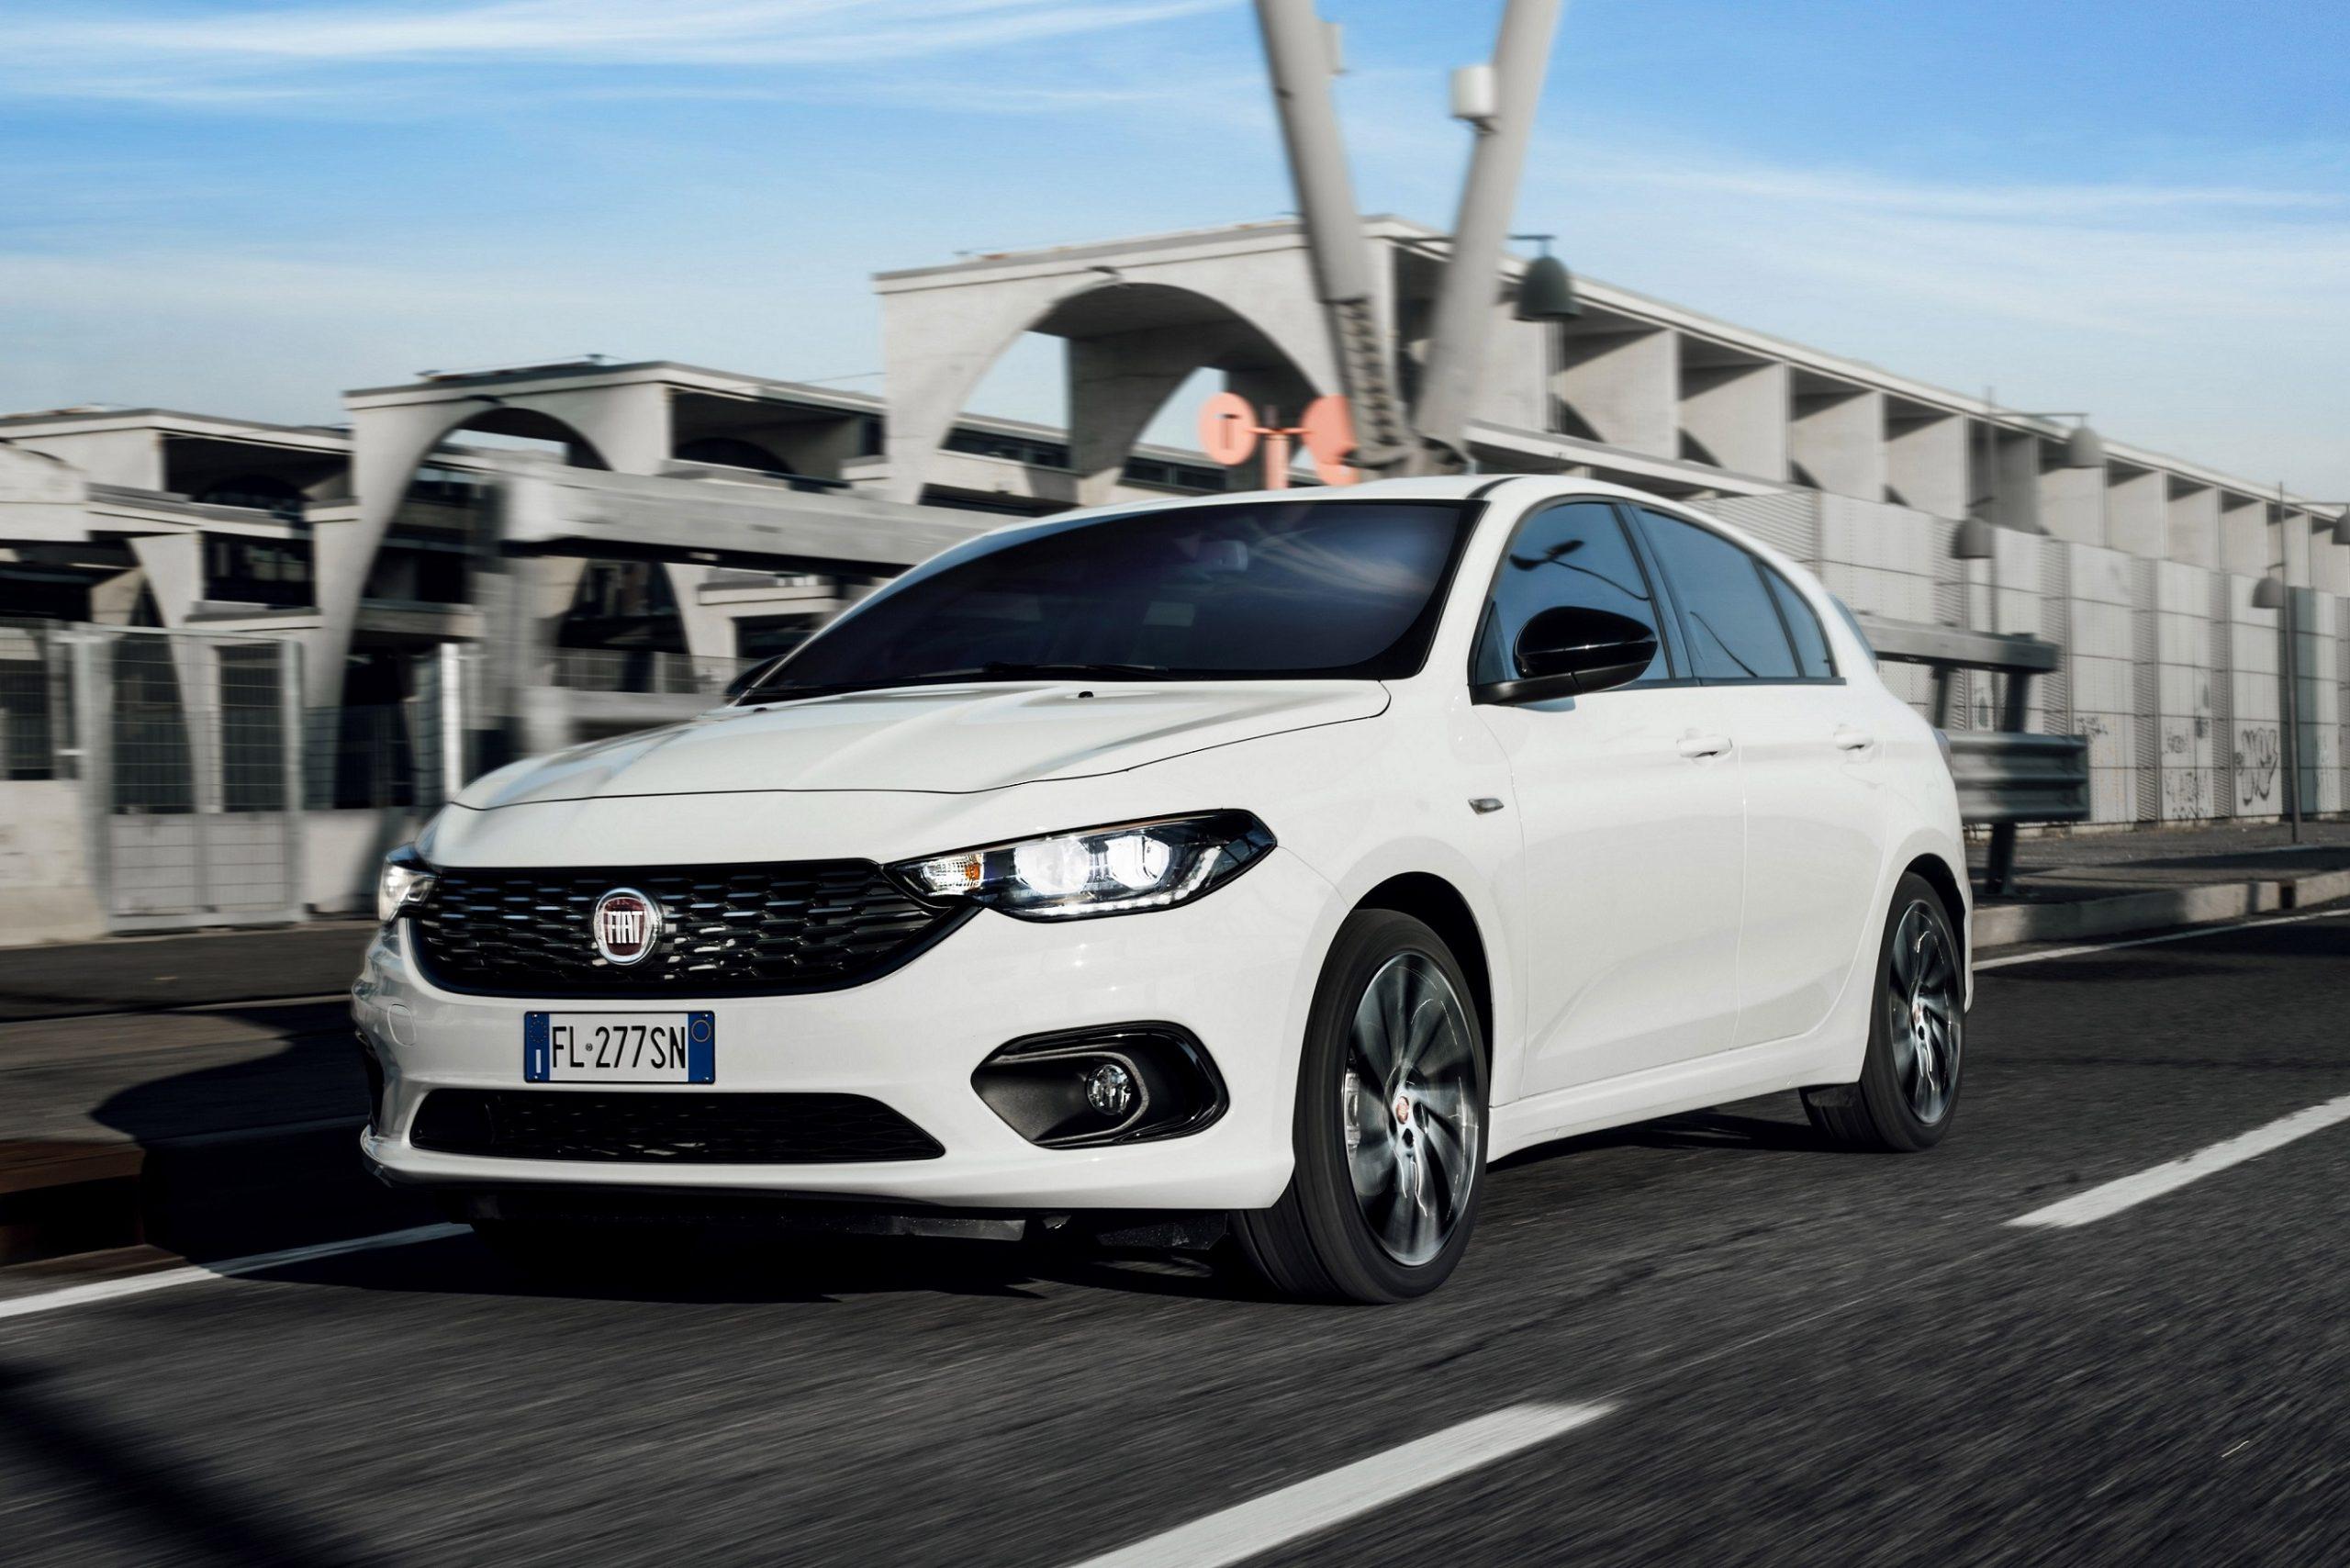 Fiat Egea Hatchback Ekim 2020 Satış Kampanyası ve Fiyat Listesi